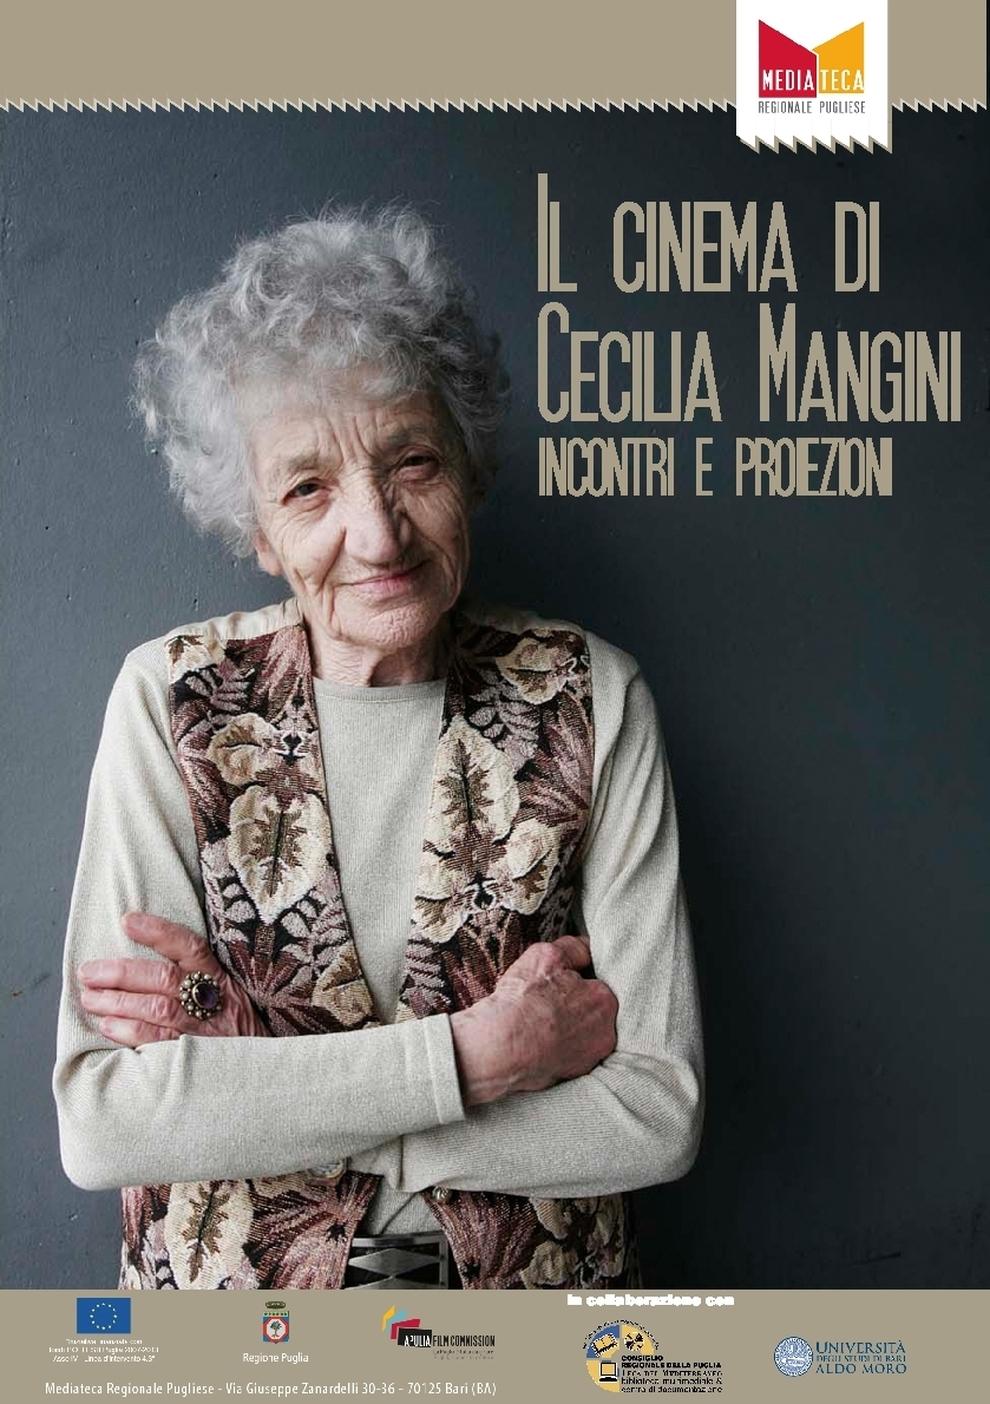 Risultati immagini per CECILIA MANGINI FOTO?